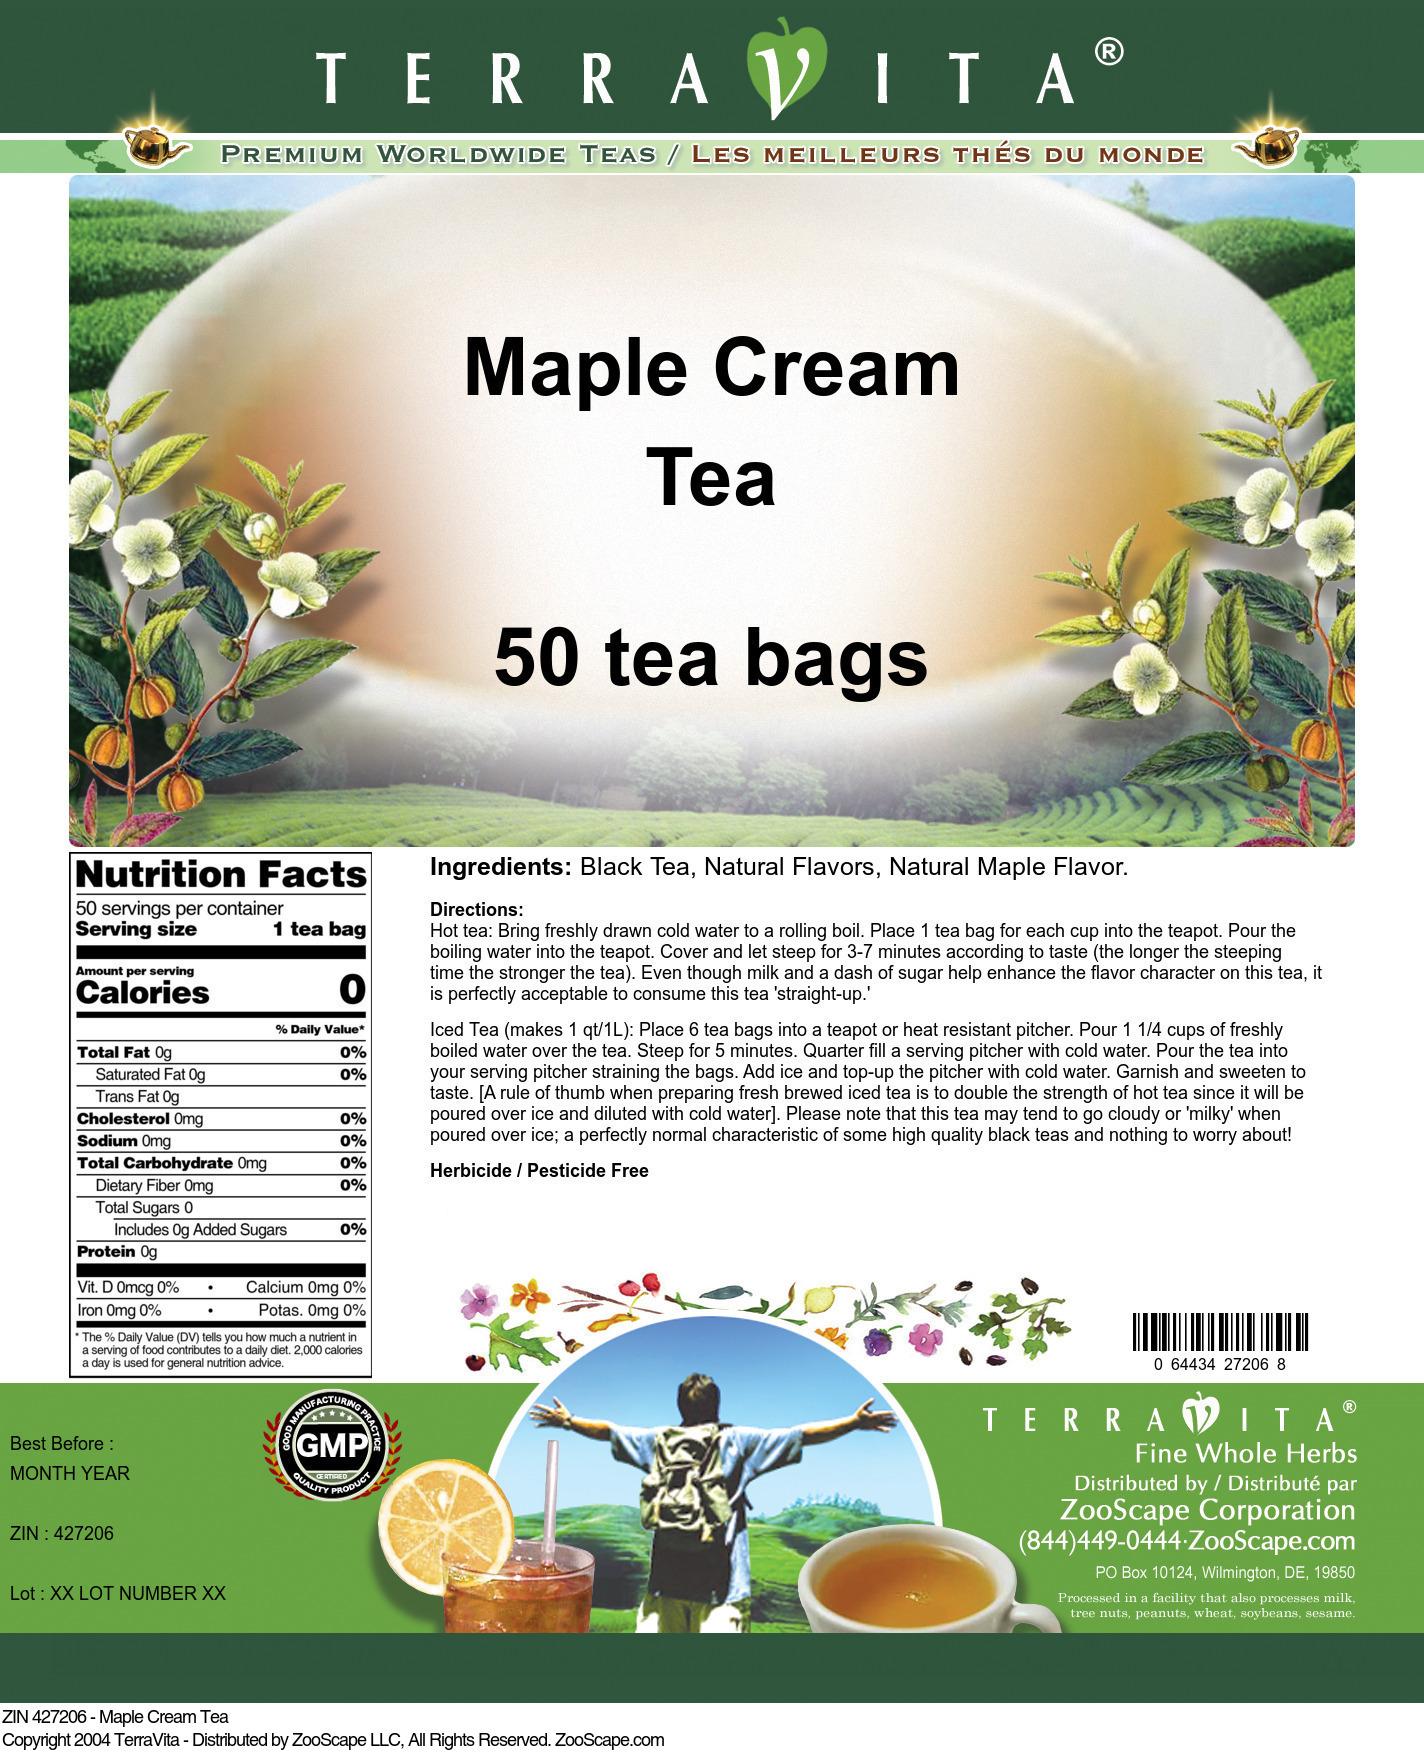 Maple Cream Tea